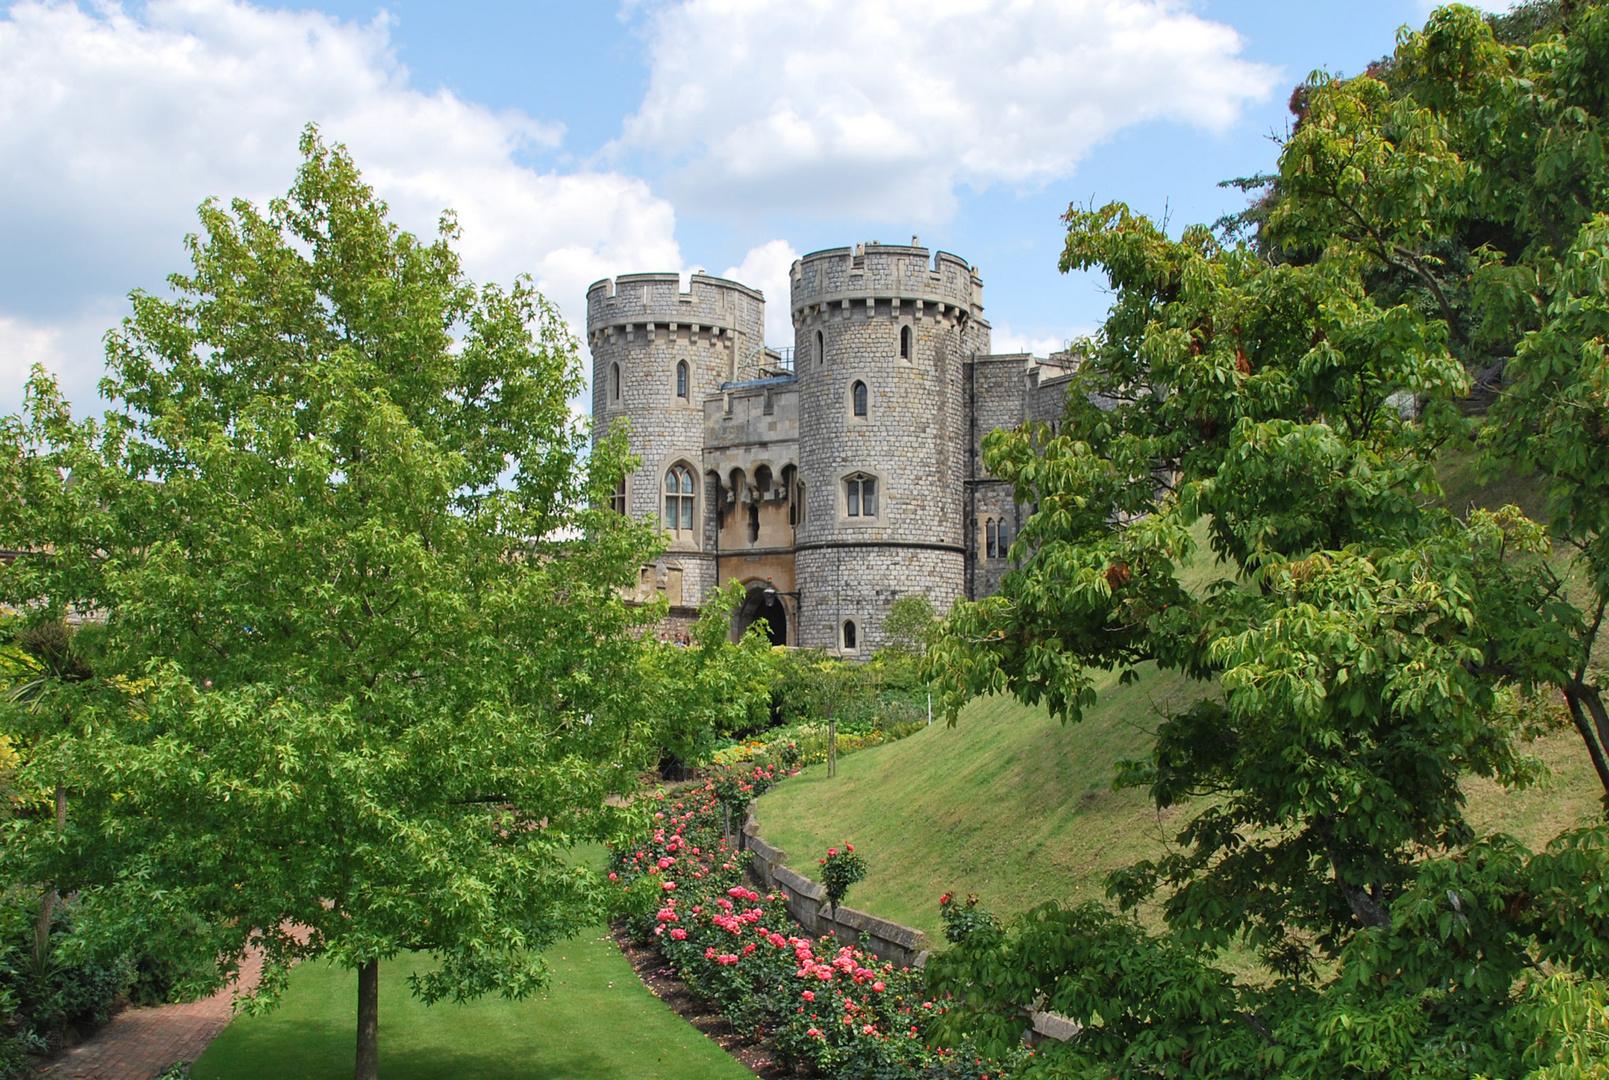 Lovely Windsor Castle